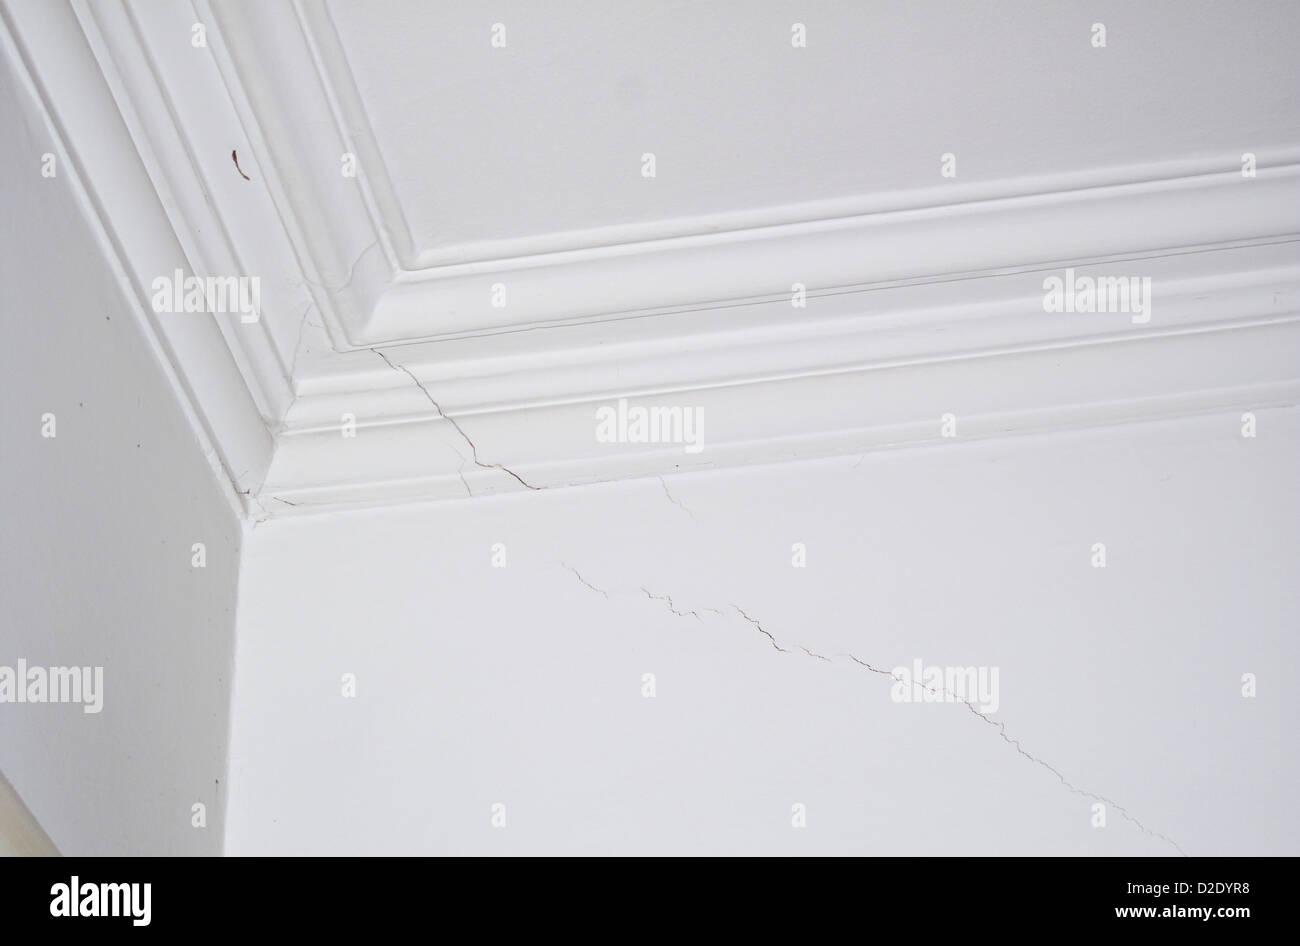 Hairline settlement crack in internal plasterwork - Stock Image